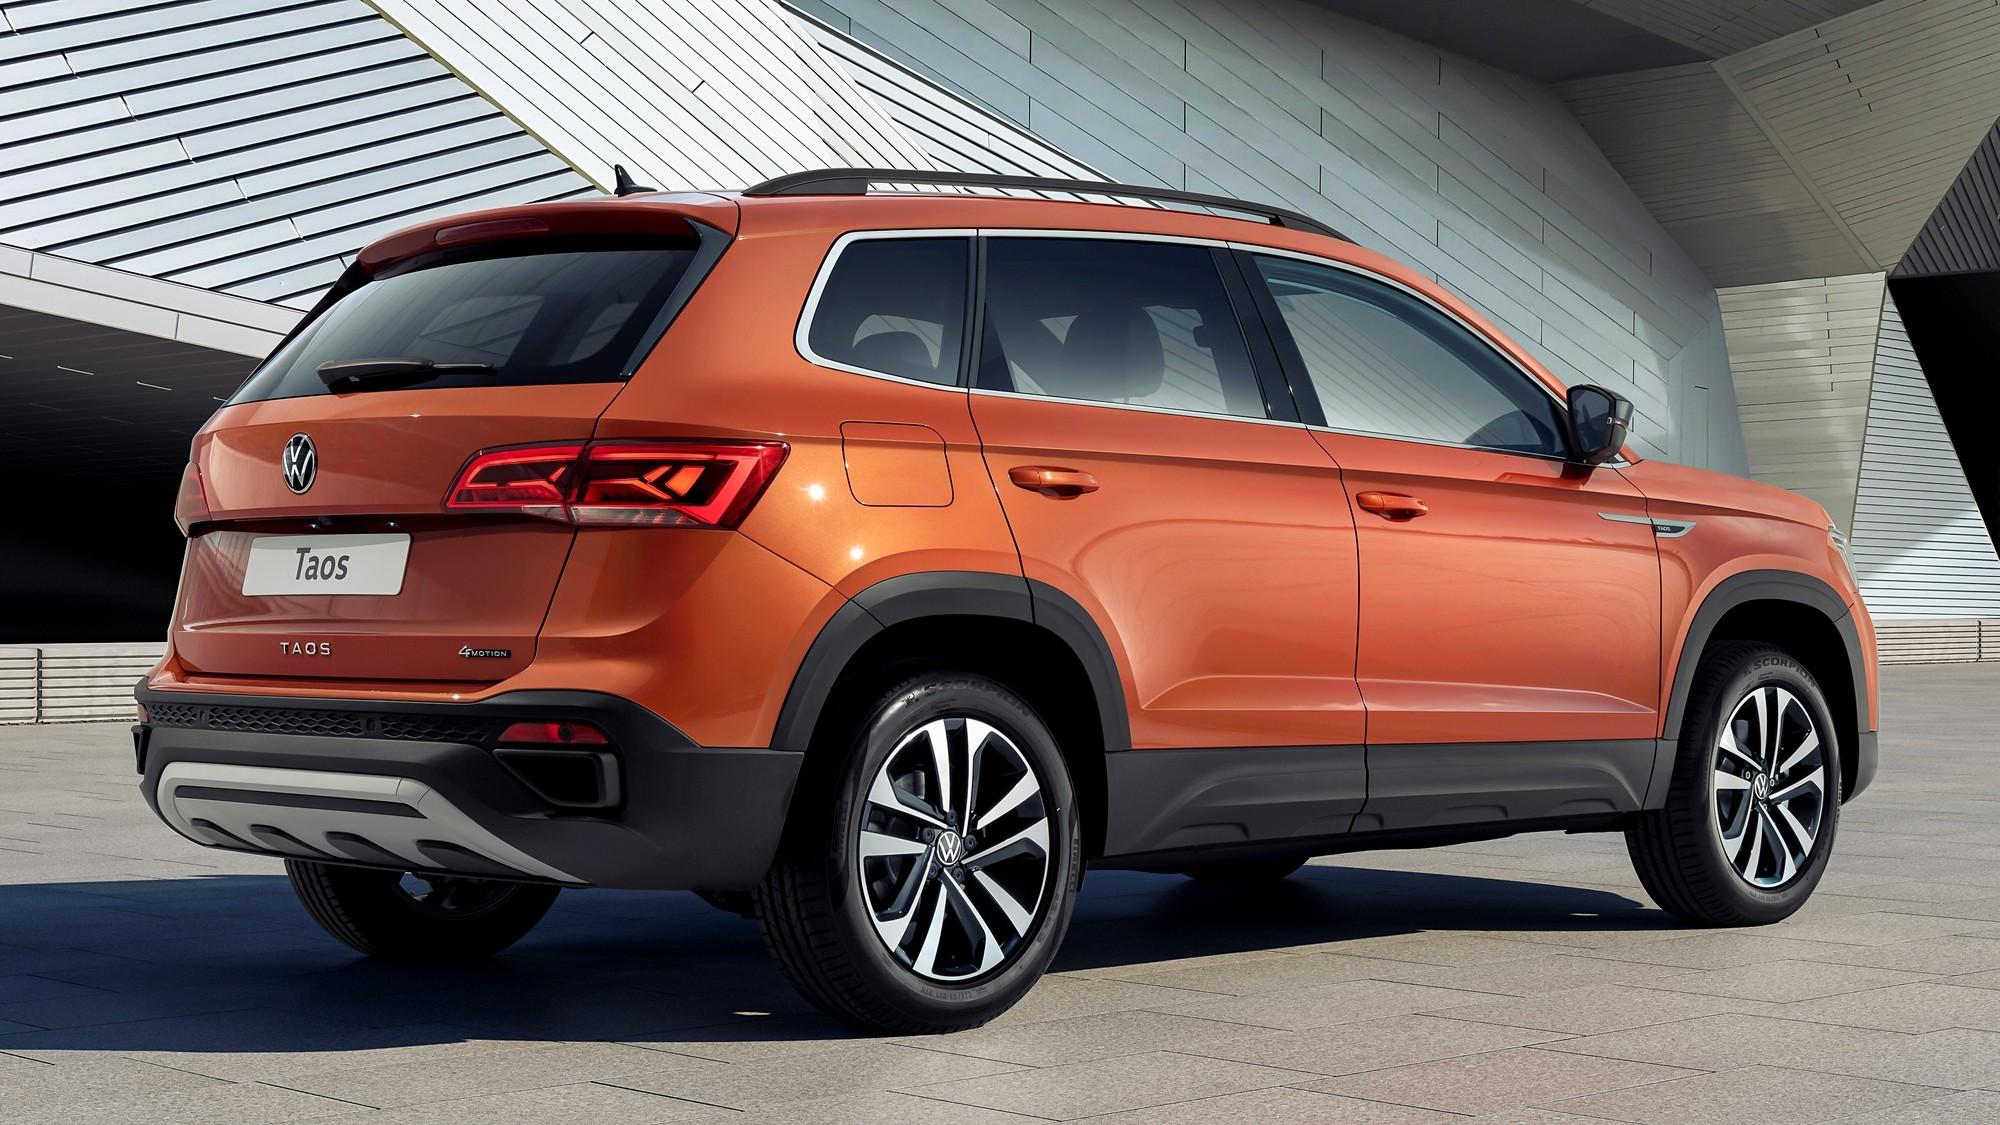 VW Taos дебютировал в России: дешевле, чем Tiguan, но чуть дороже, чем Skoda Karoq